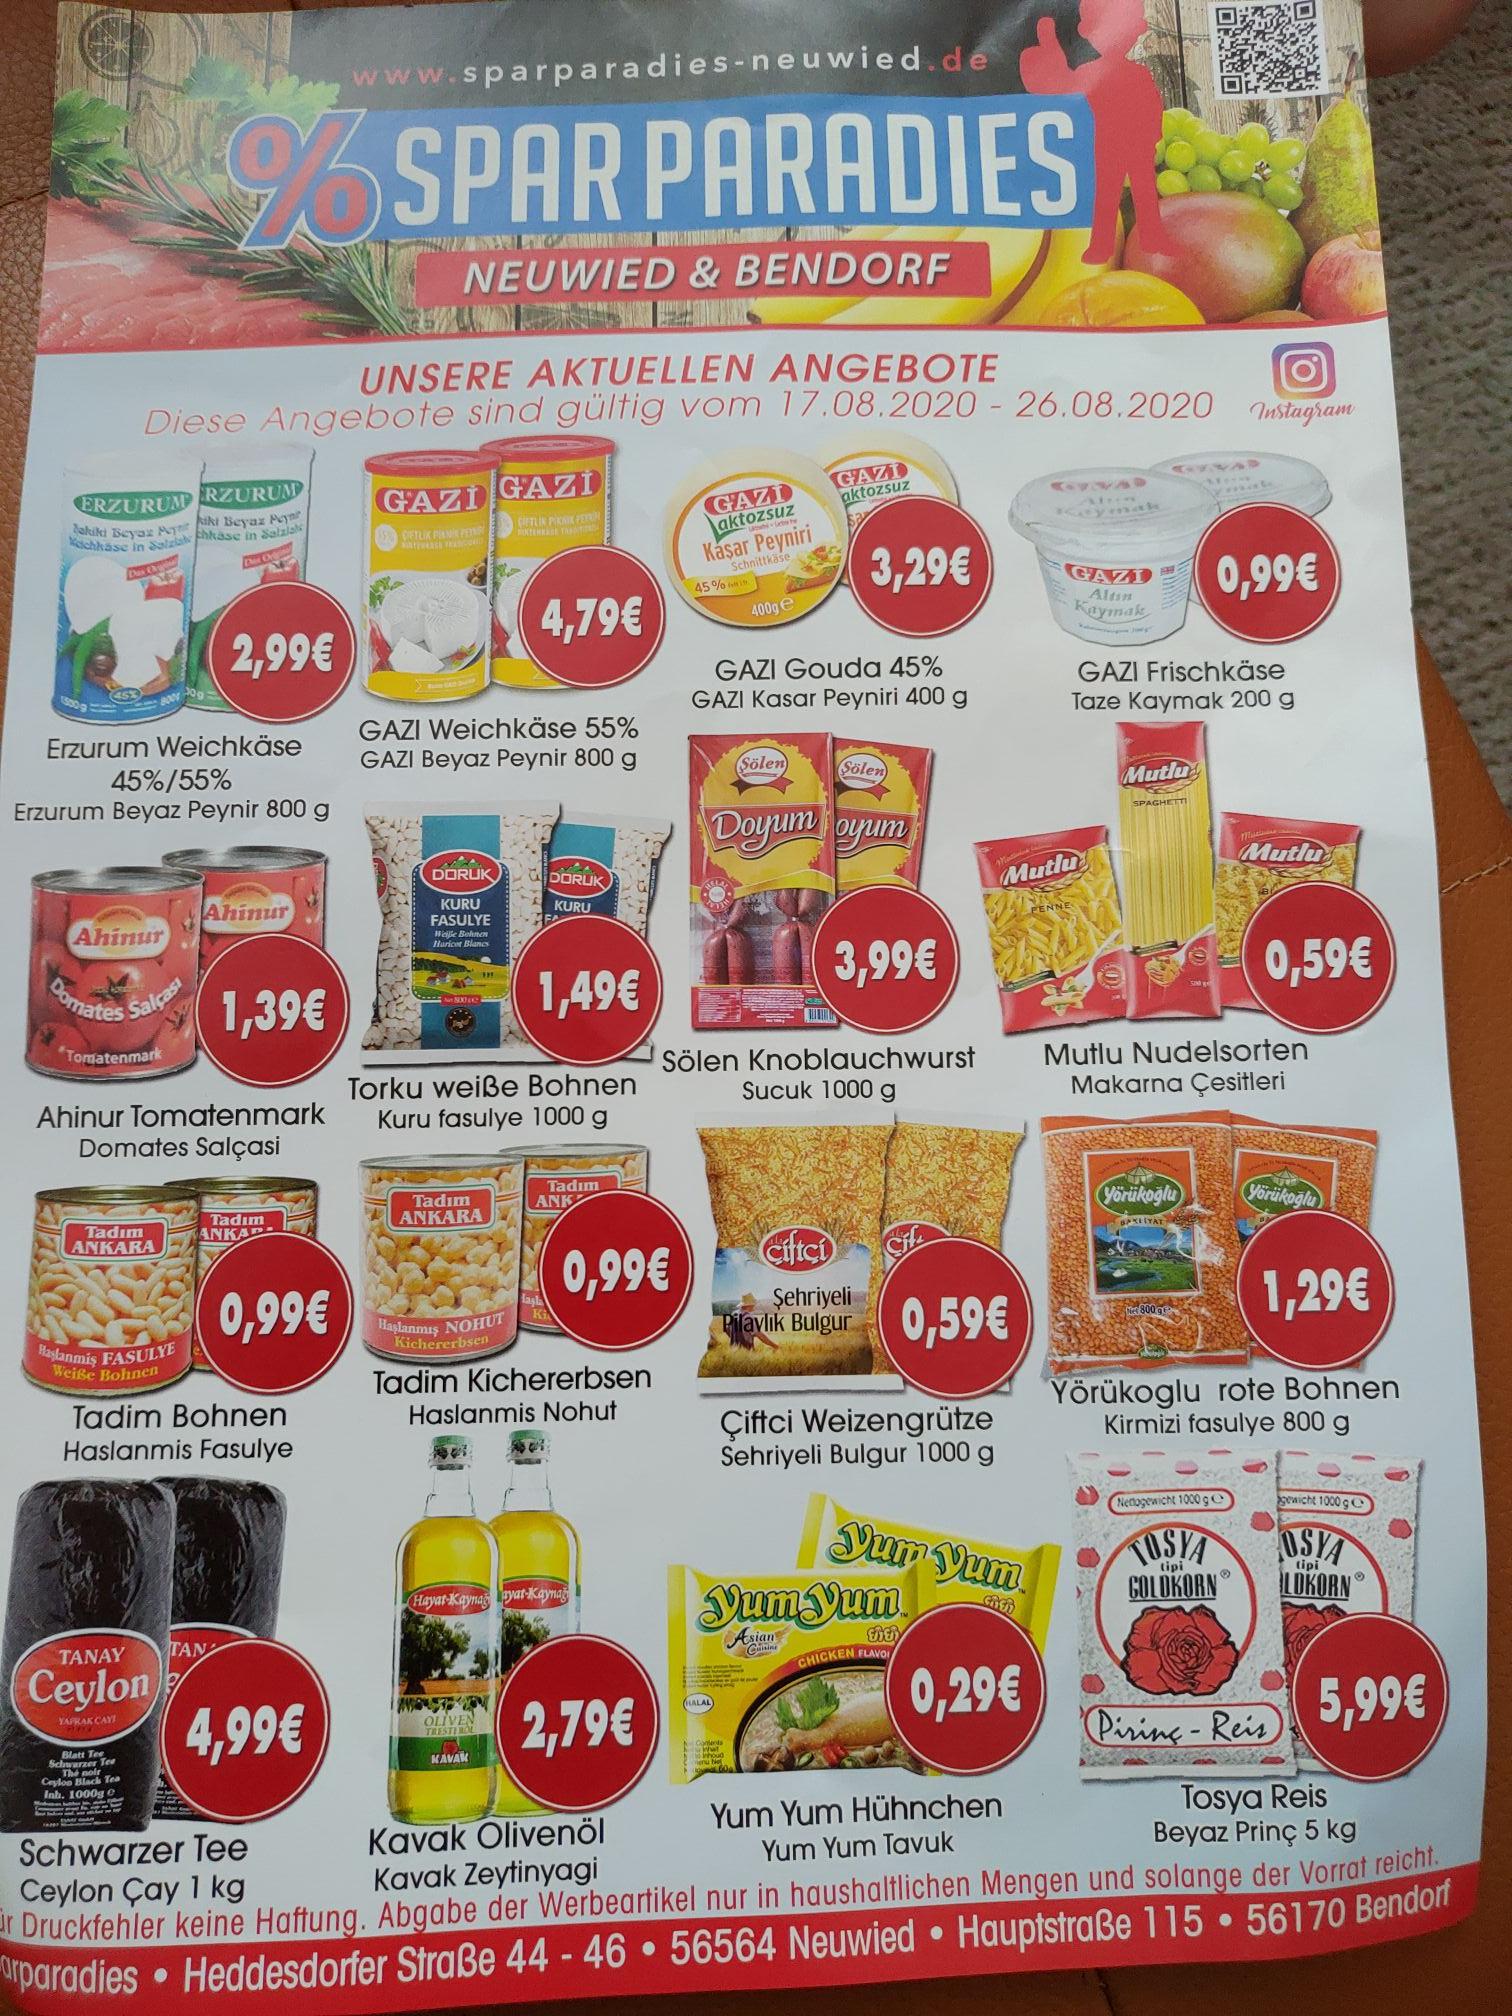 lokal - [Sparparadies in Neuwied und Bendorf] Tosya Reis 5kg für 5,99€ und vieles mehr